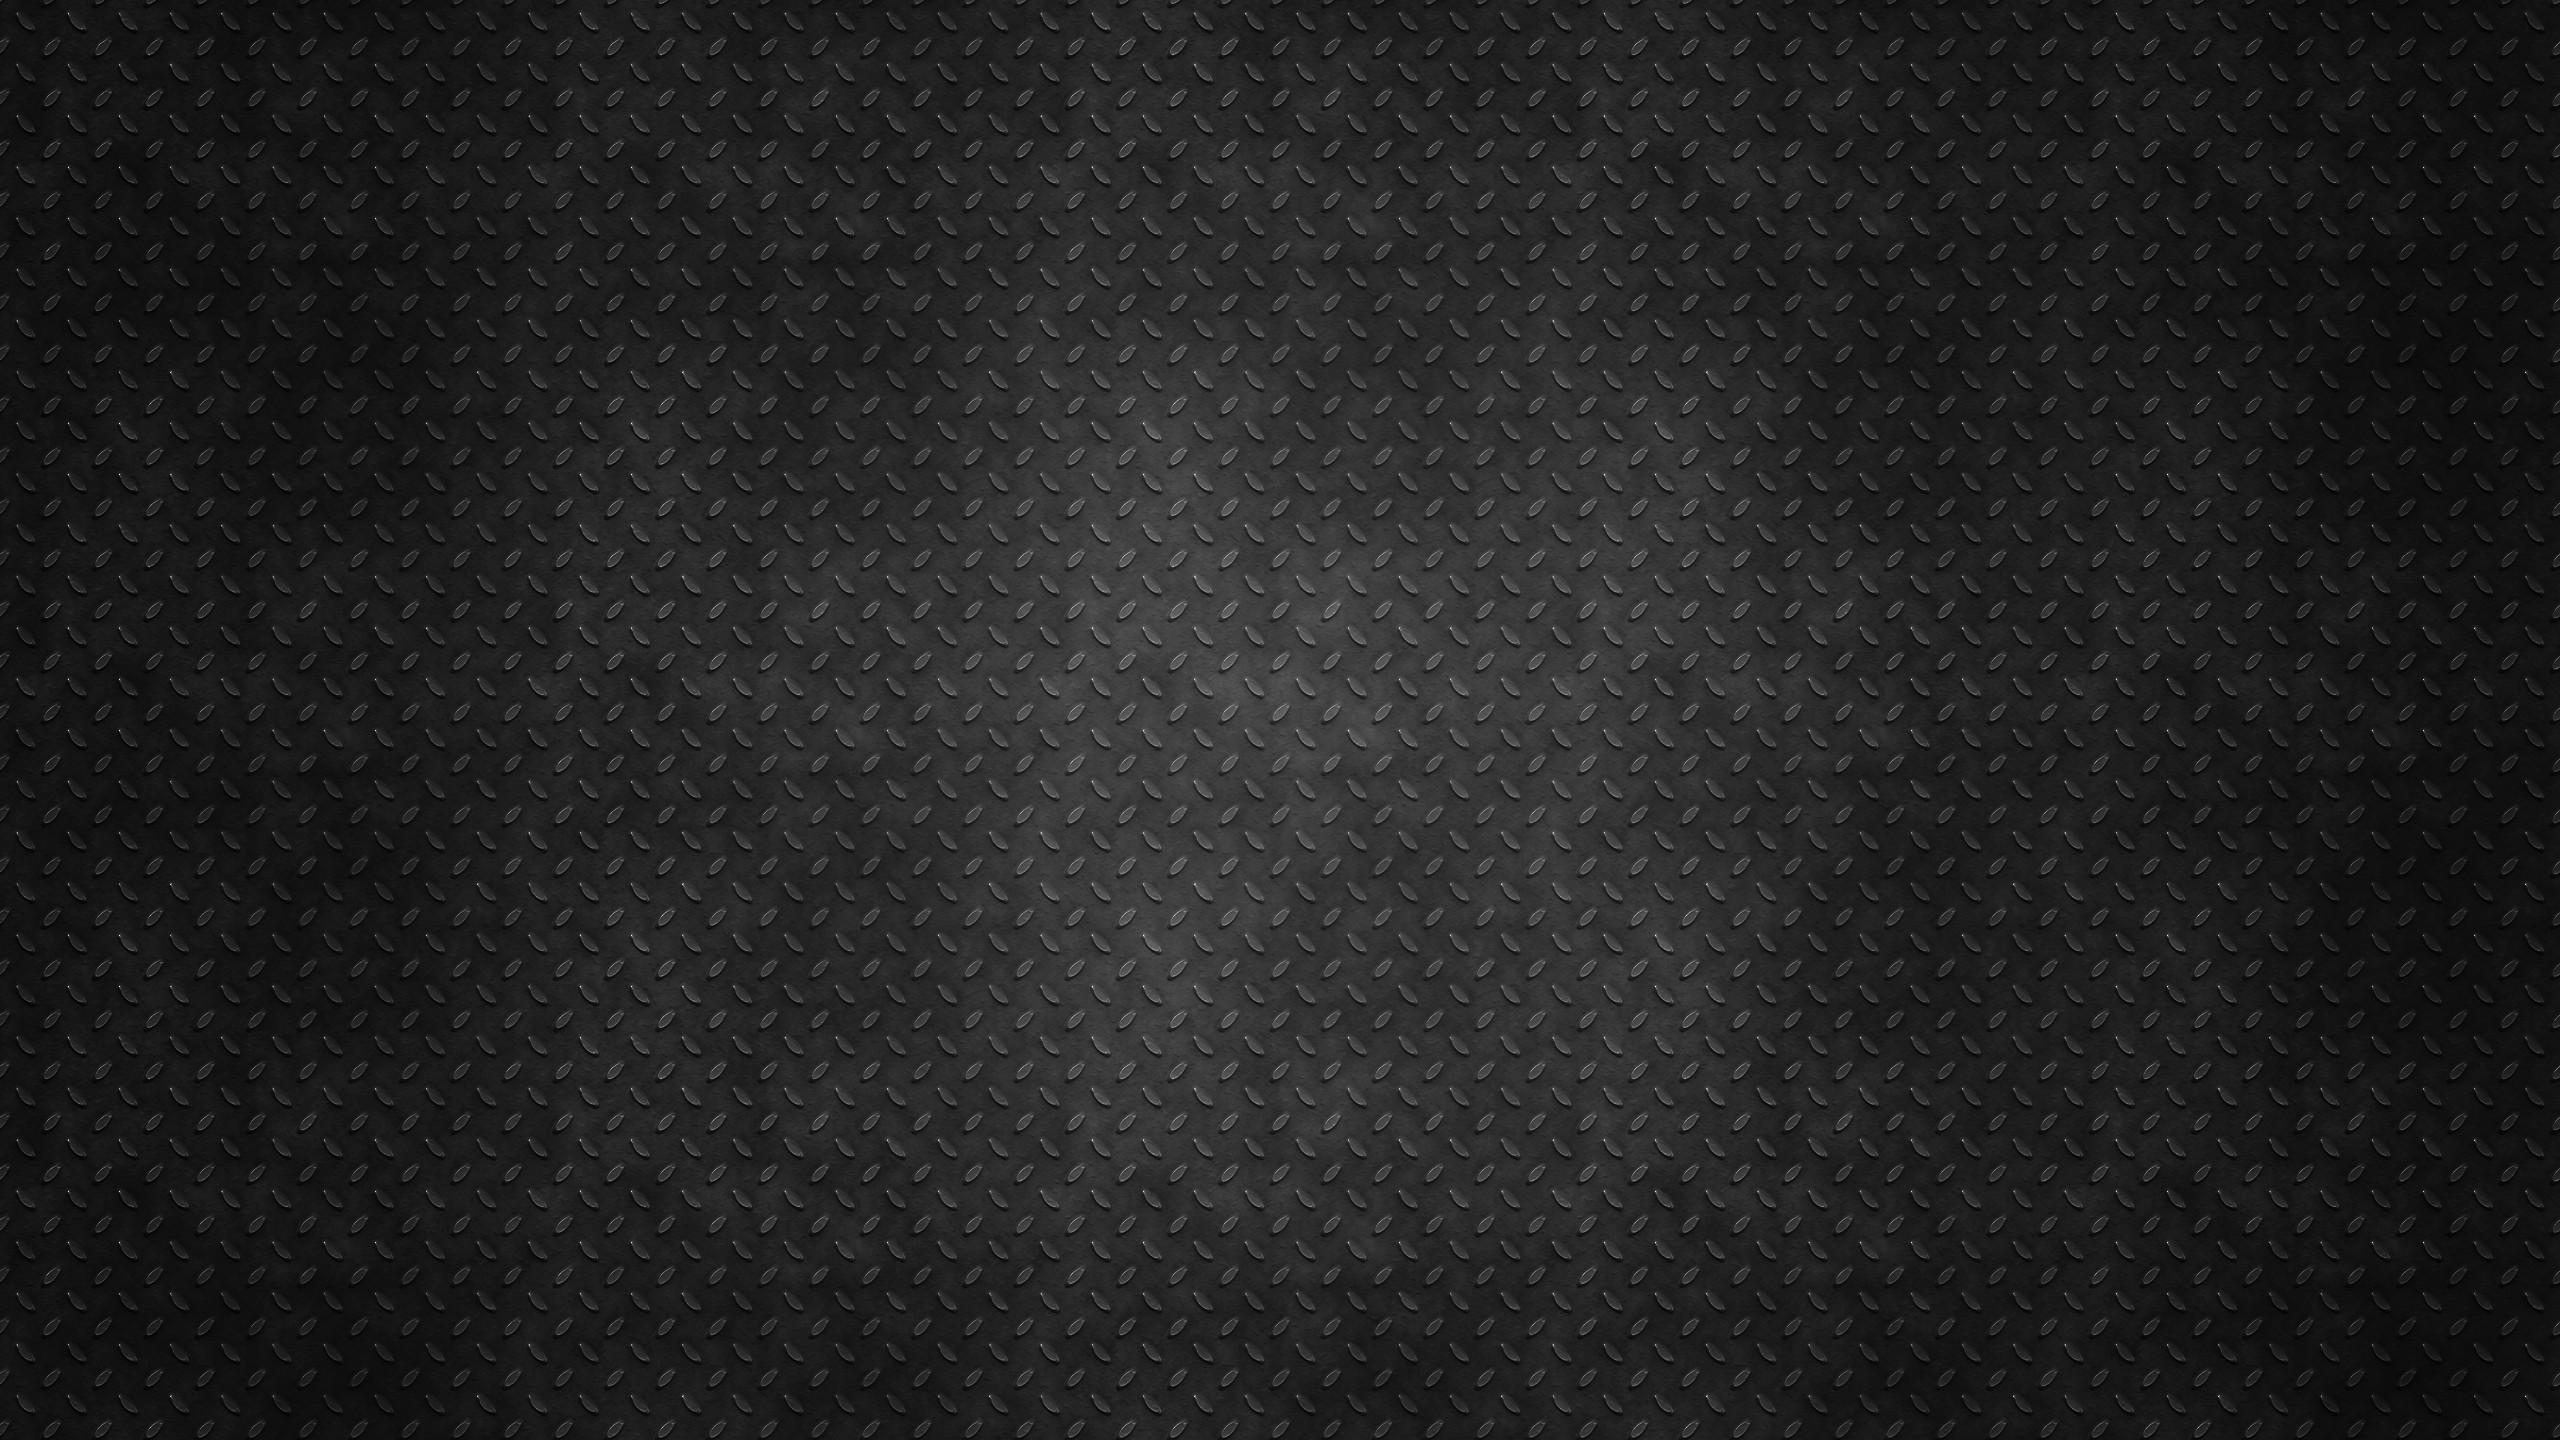 Dark Grunge Metal Texture